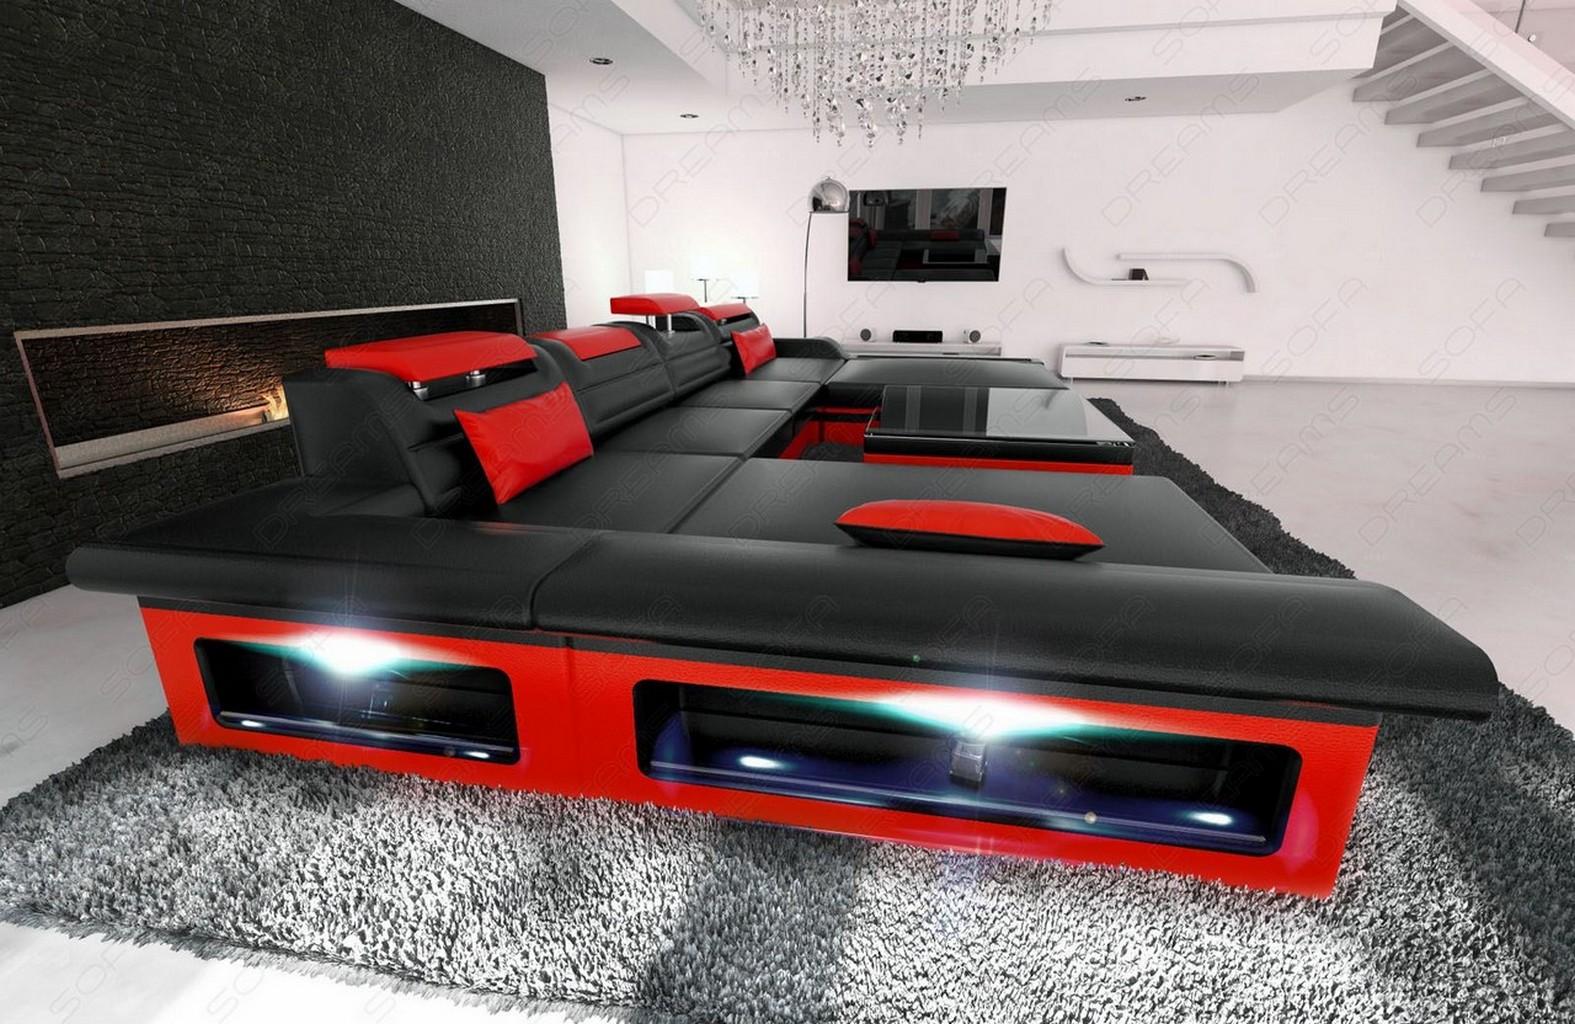 Muebles salon baratos sharemedoc for Wohnlandschaft rot schwarz